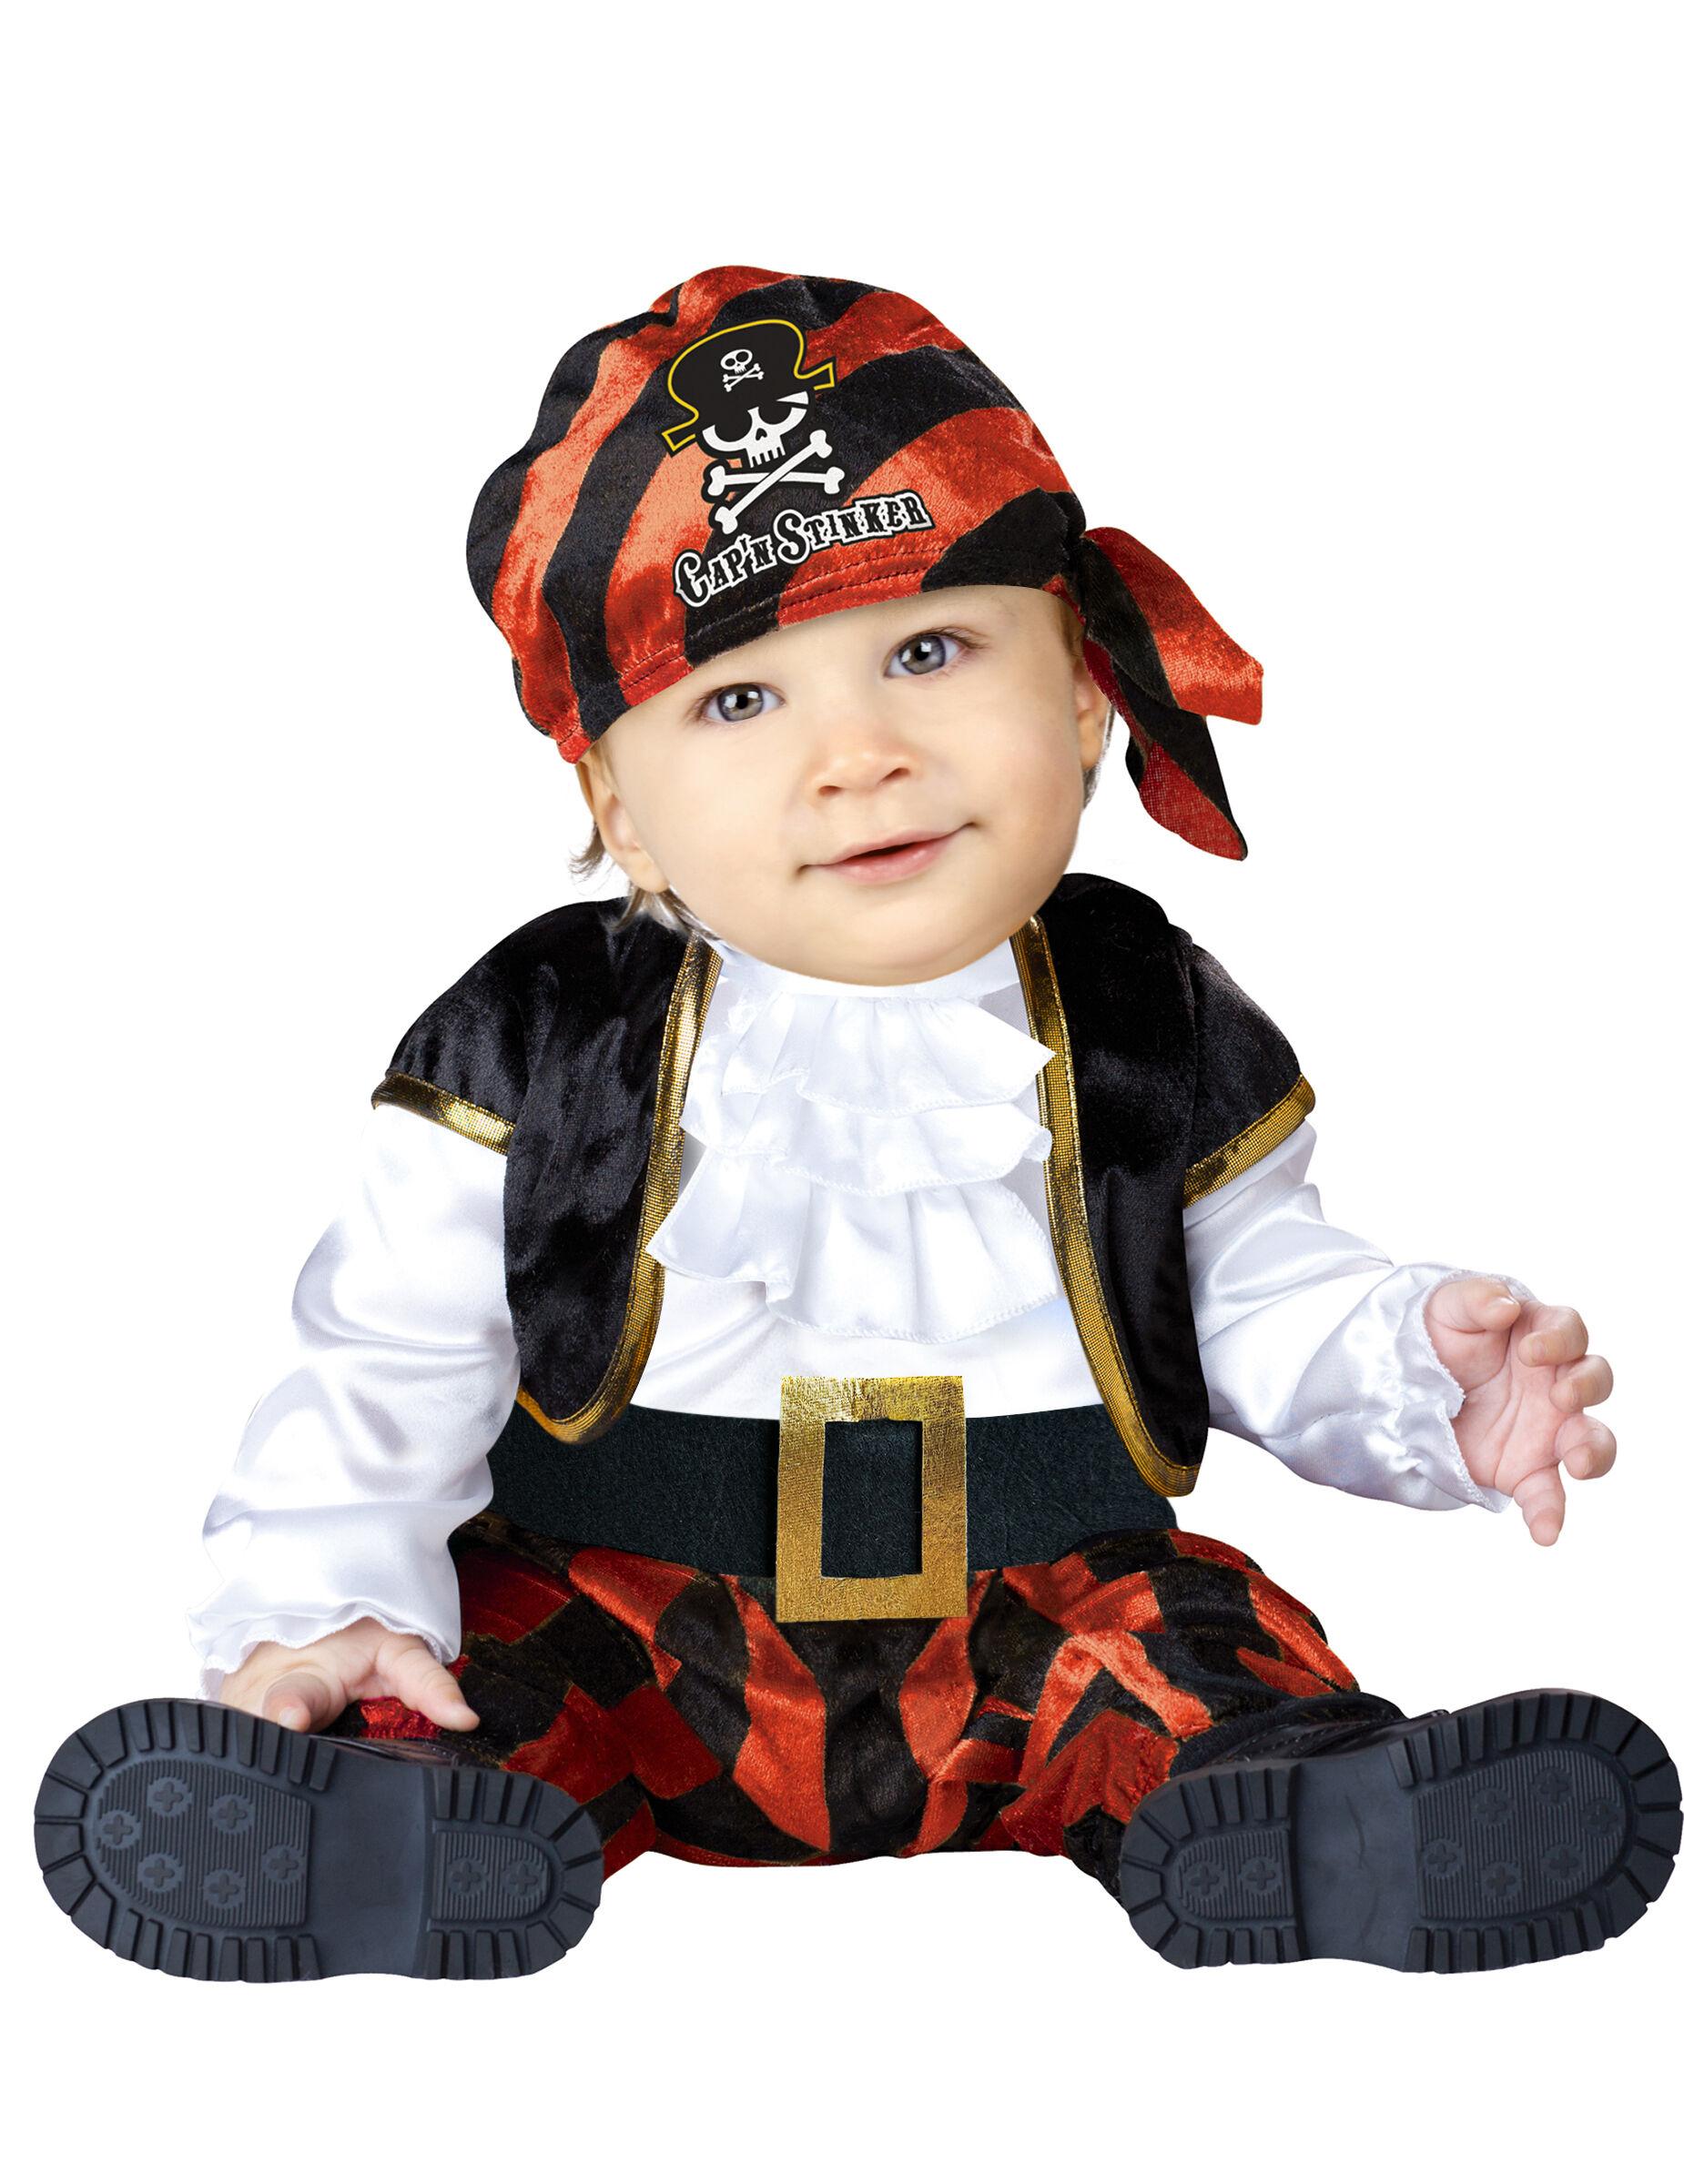 Deguisetoi Déguisement Pirate pour bébé - Classique - Taille: 0-6 mois (58-66 cm)